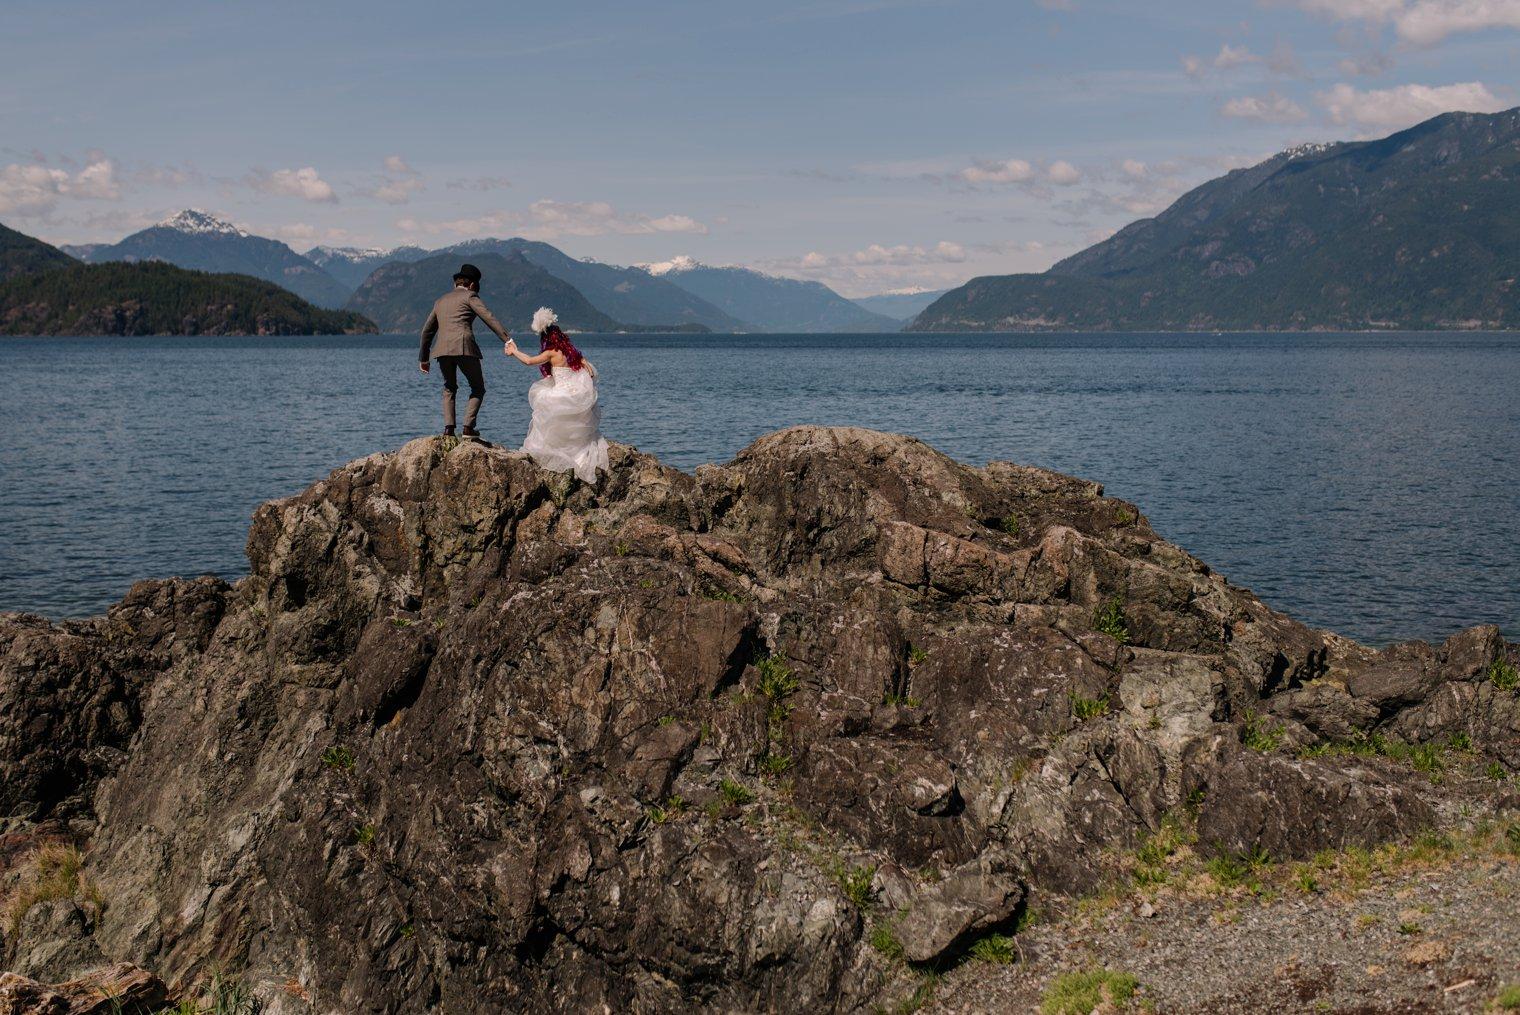 candid bowen island wedding photos